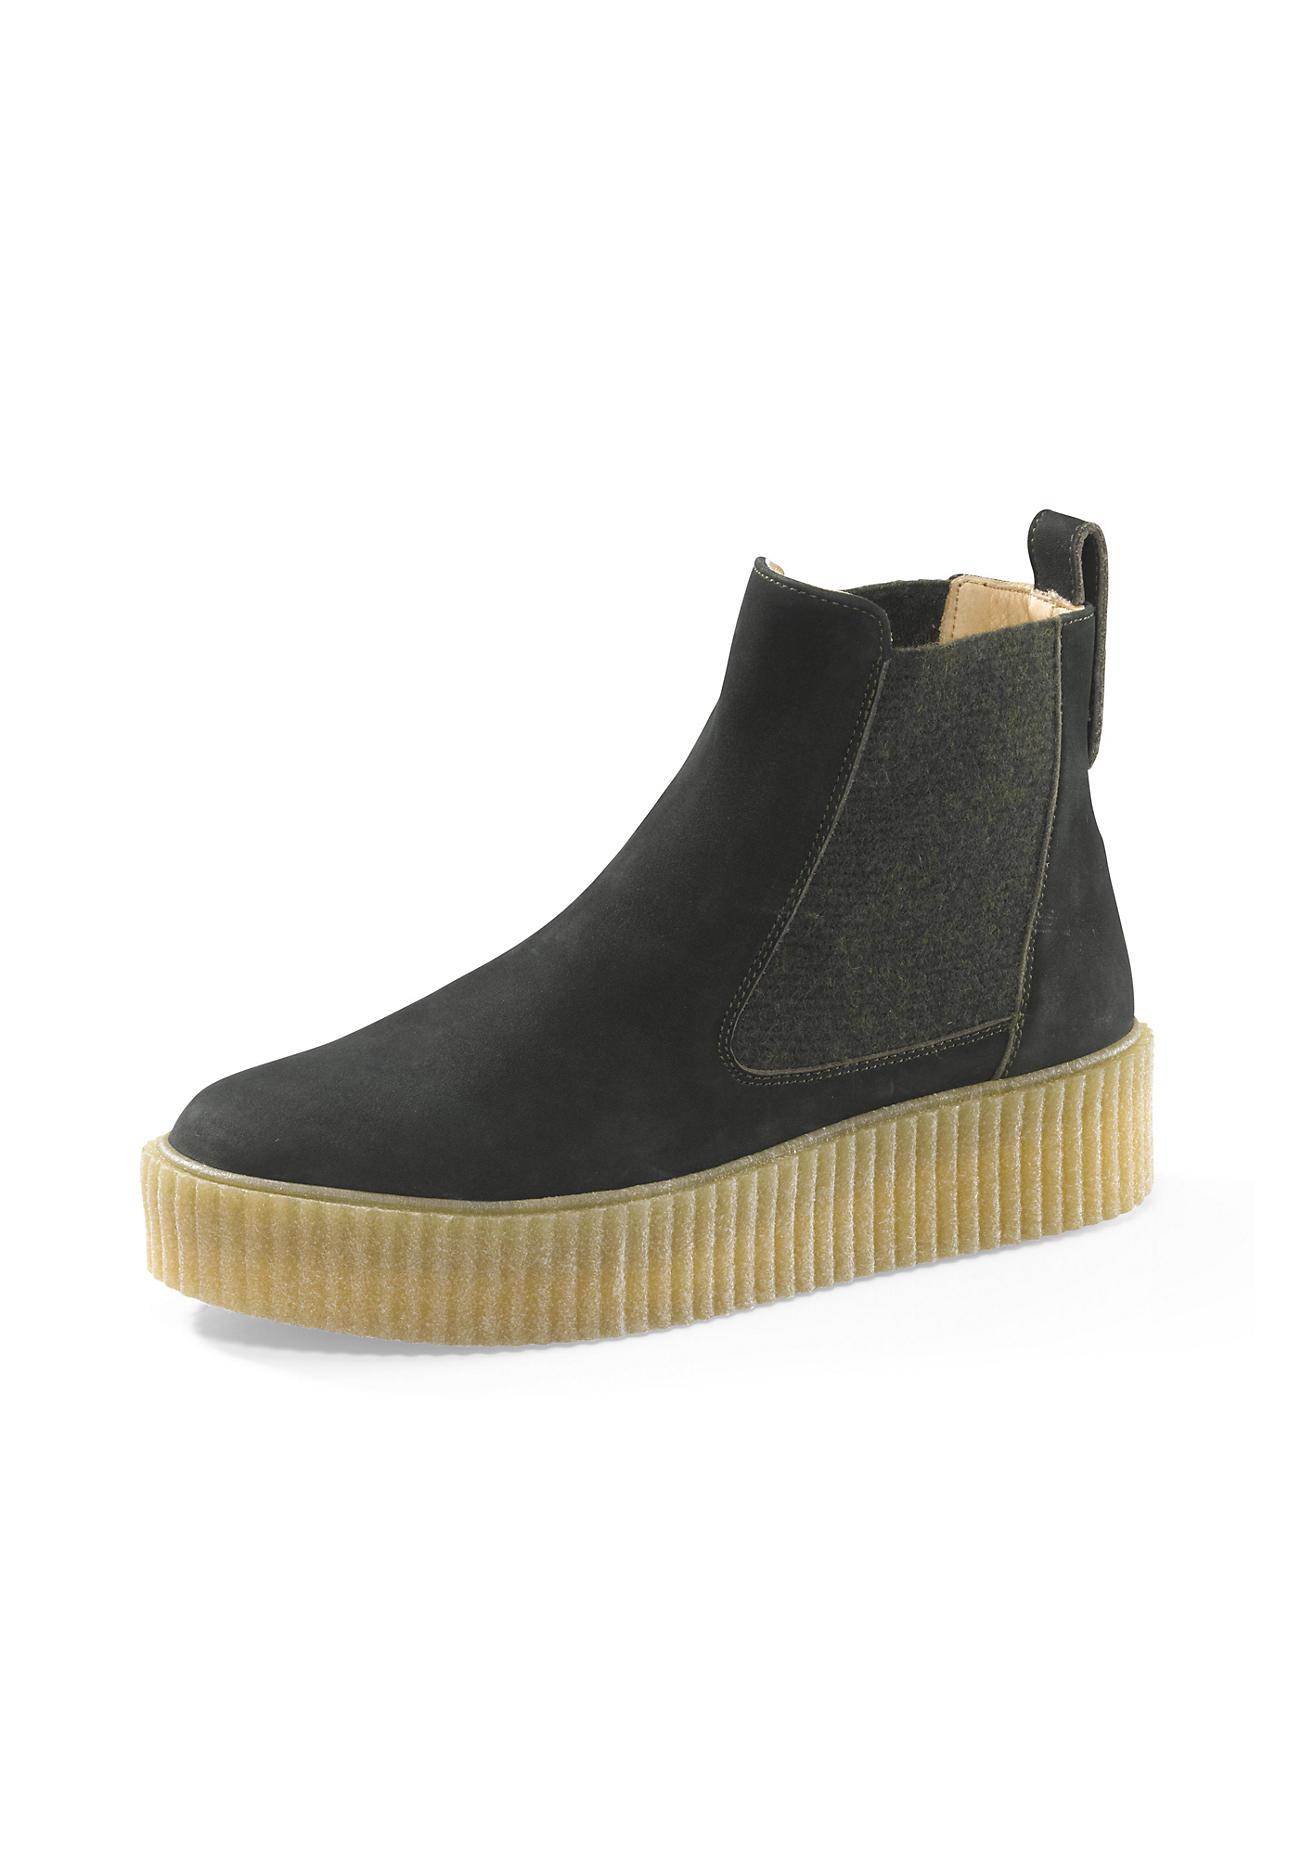 hessnatur Damen Damen Chelsea Boots aus Leder – grün – Größe 36